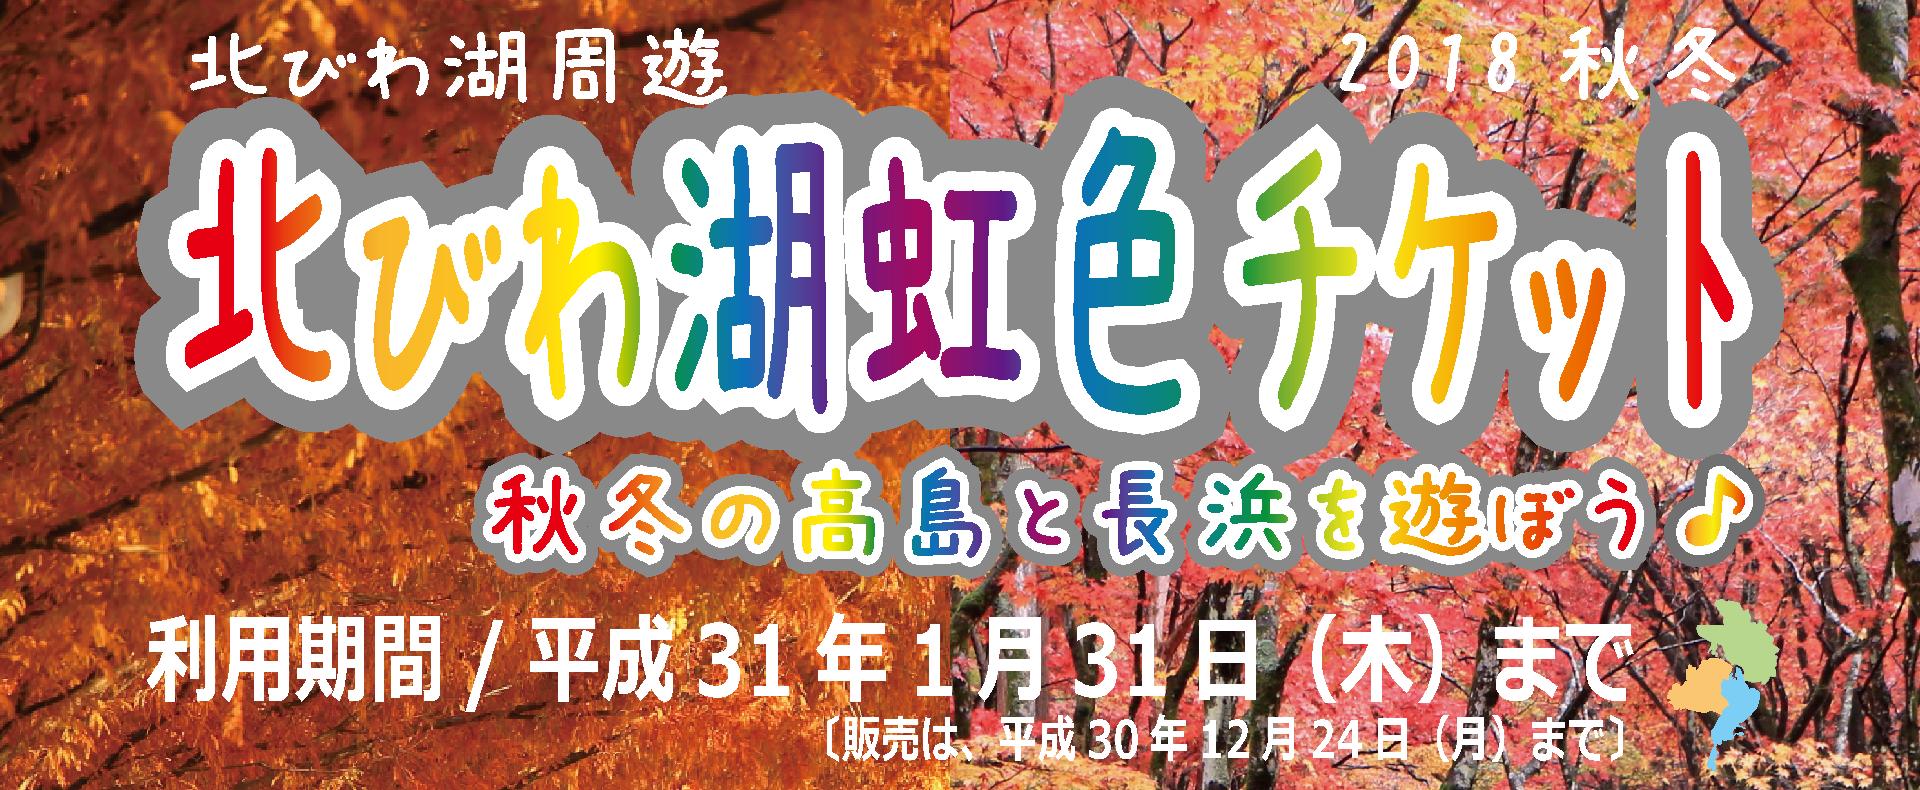 キービジュアル 北びわ湖虹色チケット